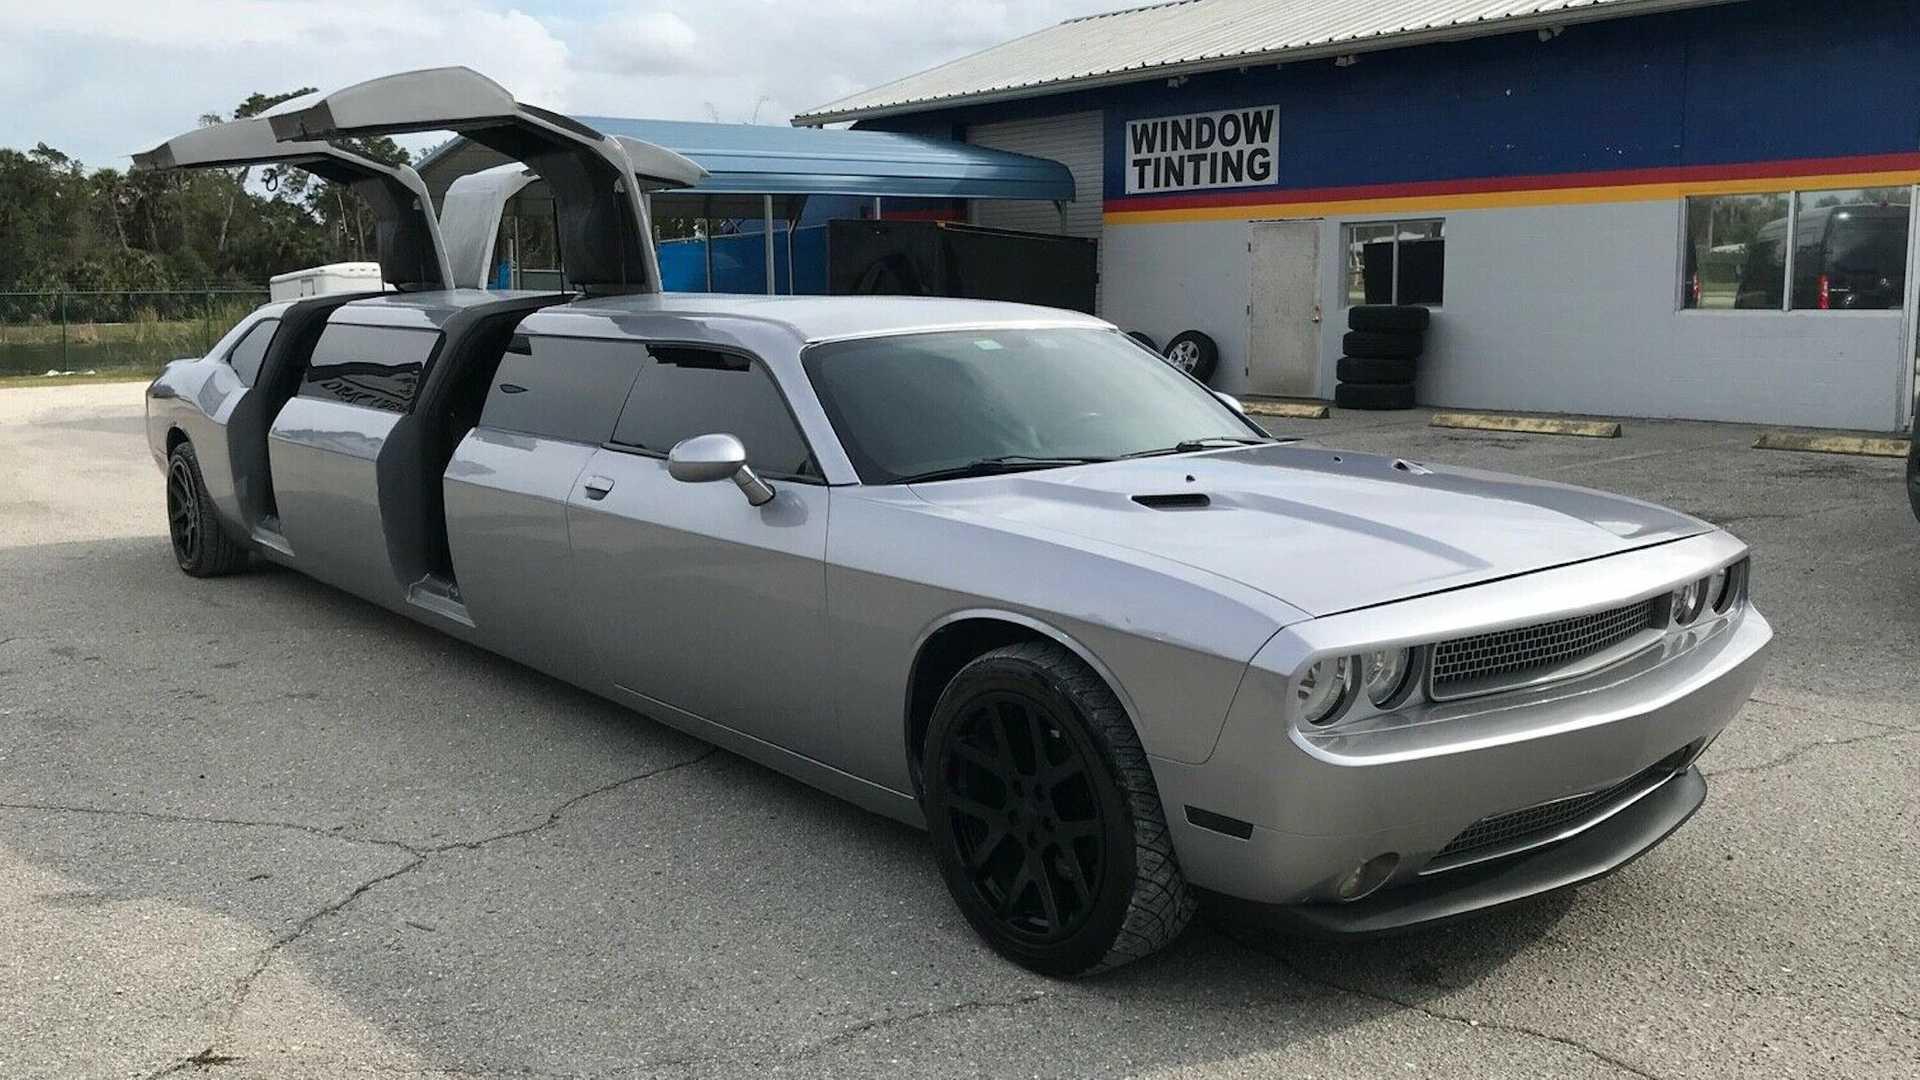 Лимузин Dodge Challenger с дверьми типа «крыло чайки» выставлен на продажу за 32 500 долларов